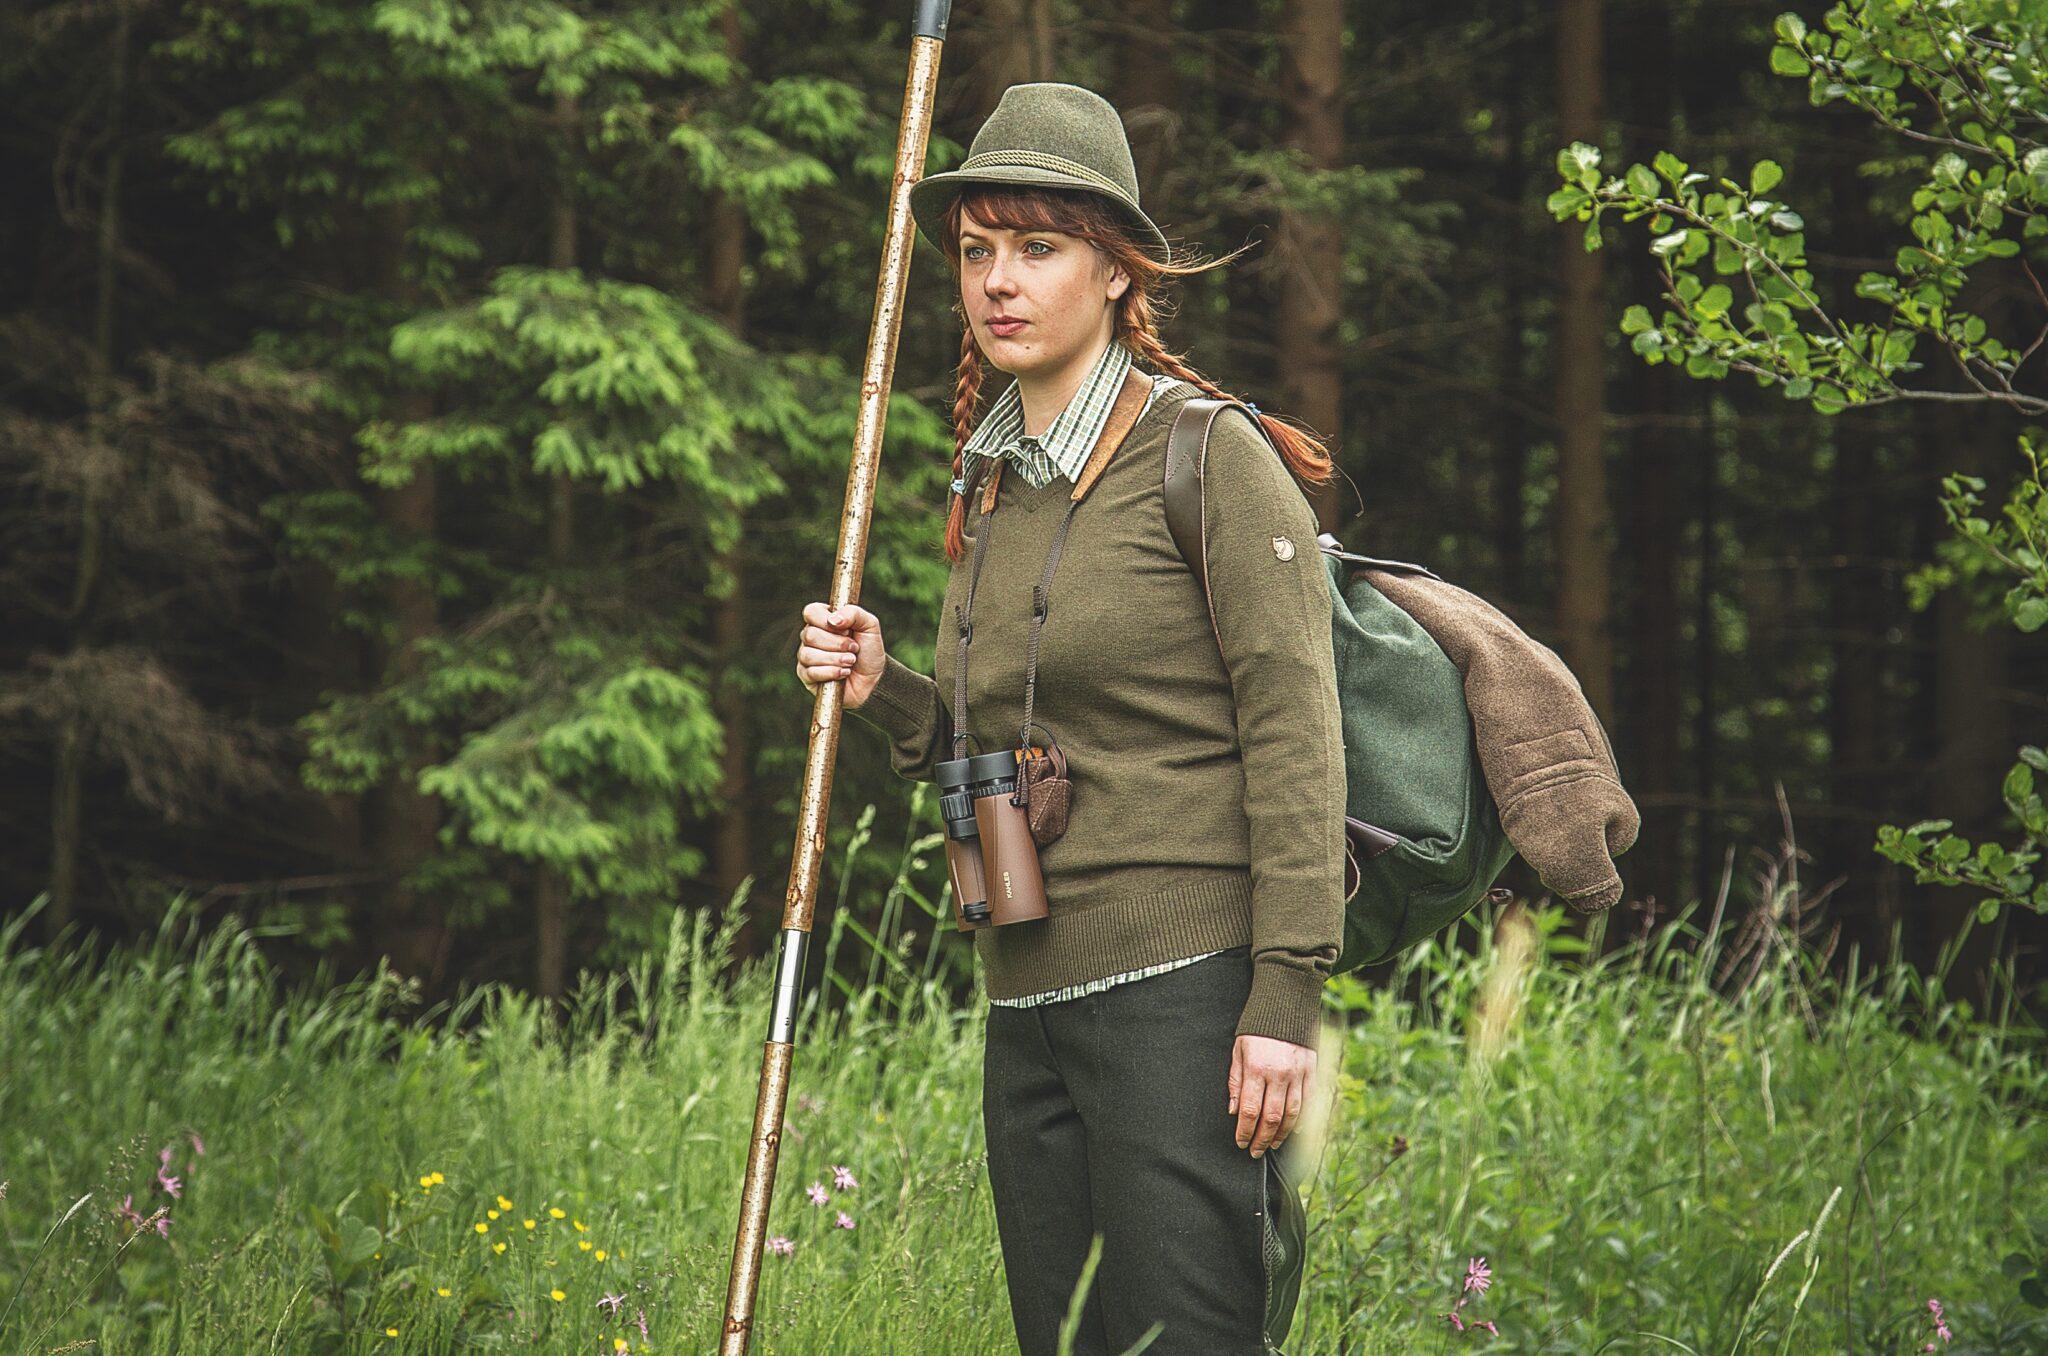 Umfrage: Frauen jagen aus Leidenschaft - Niederösterreichischer Landesjagdverband